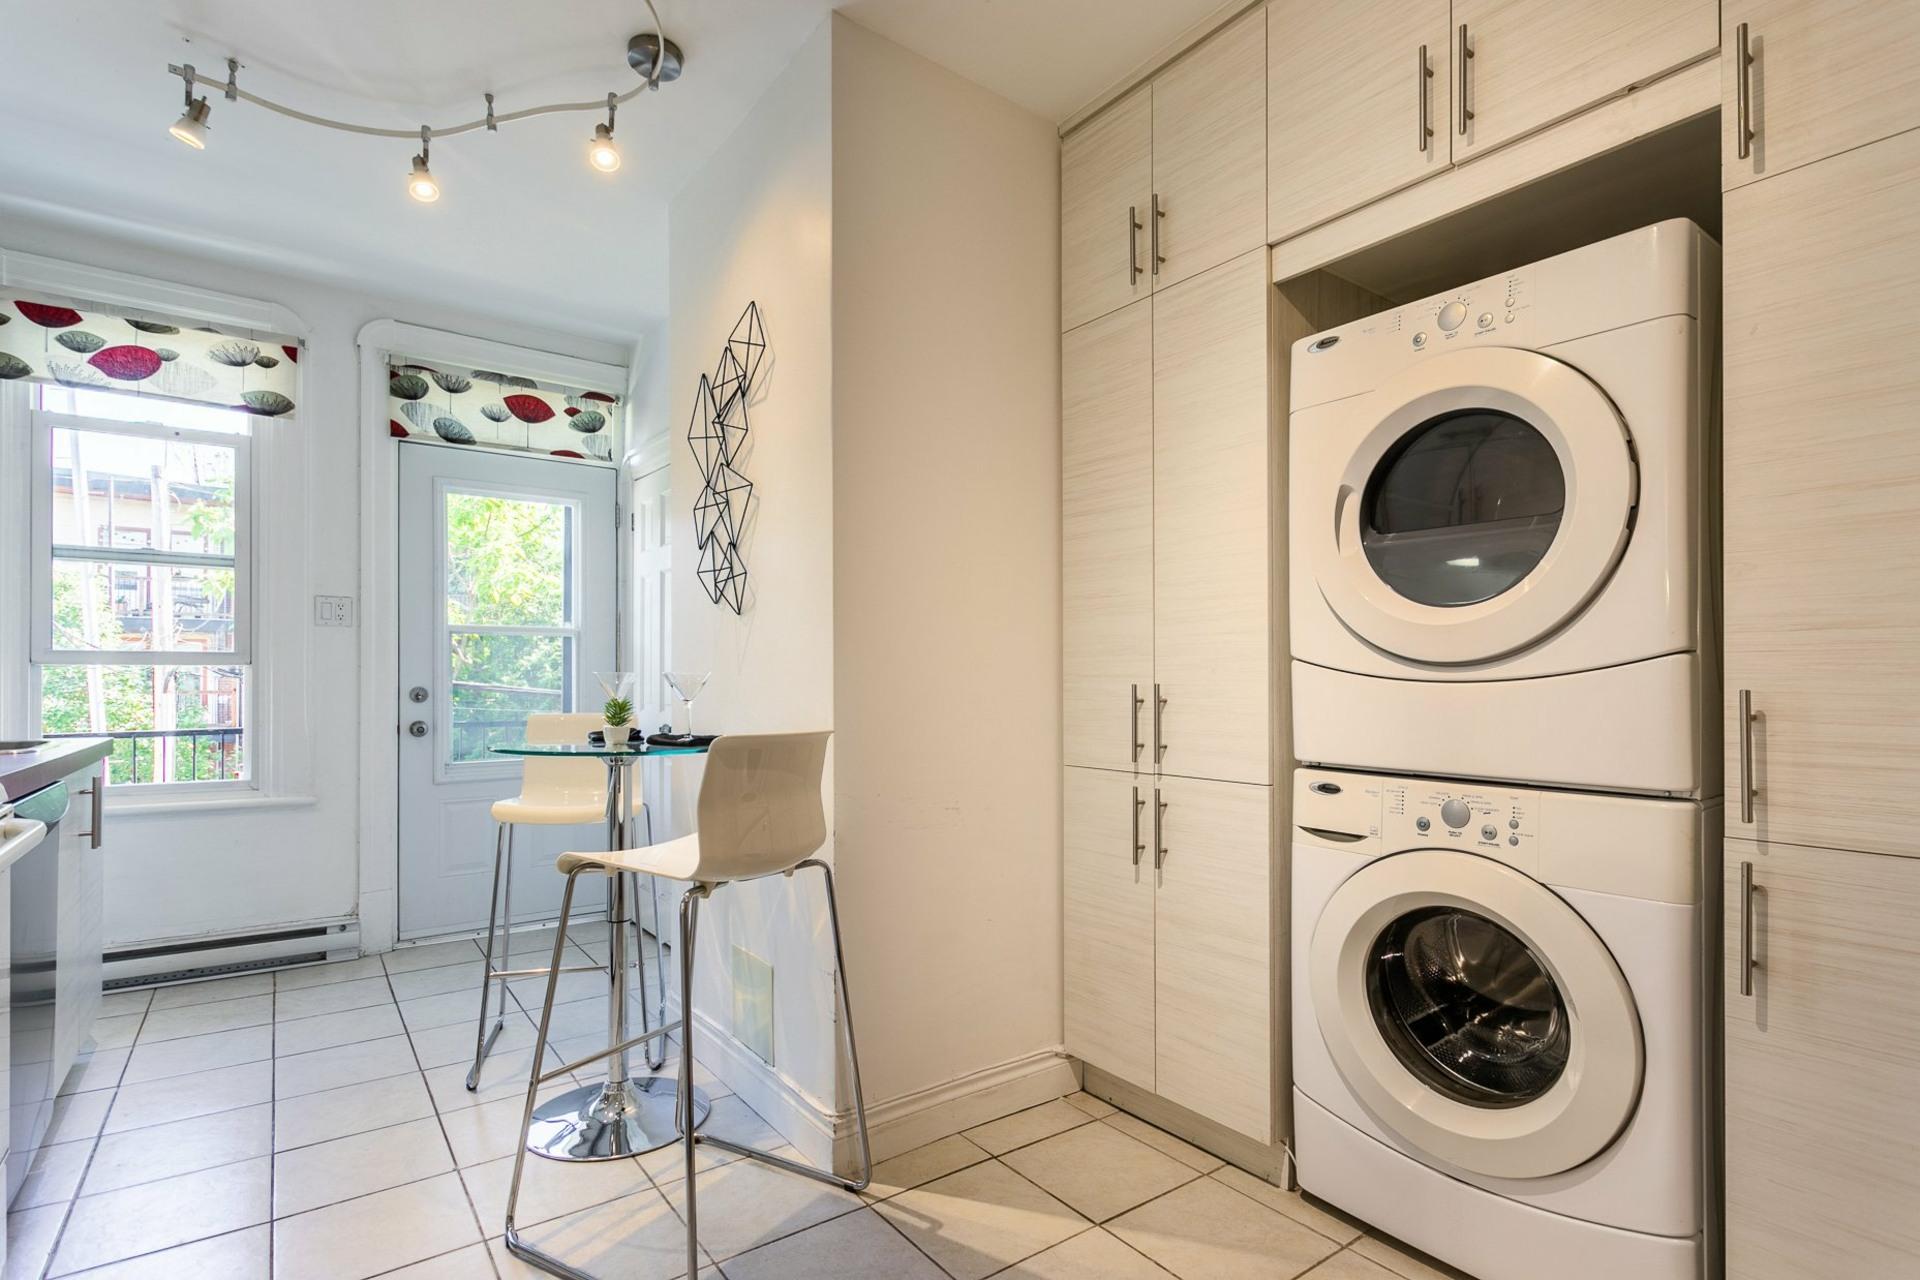 image 9 - Appartement À vendre Le Plateau-Mont-Royal Montréal  - 4 pièces